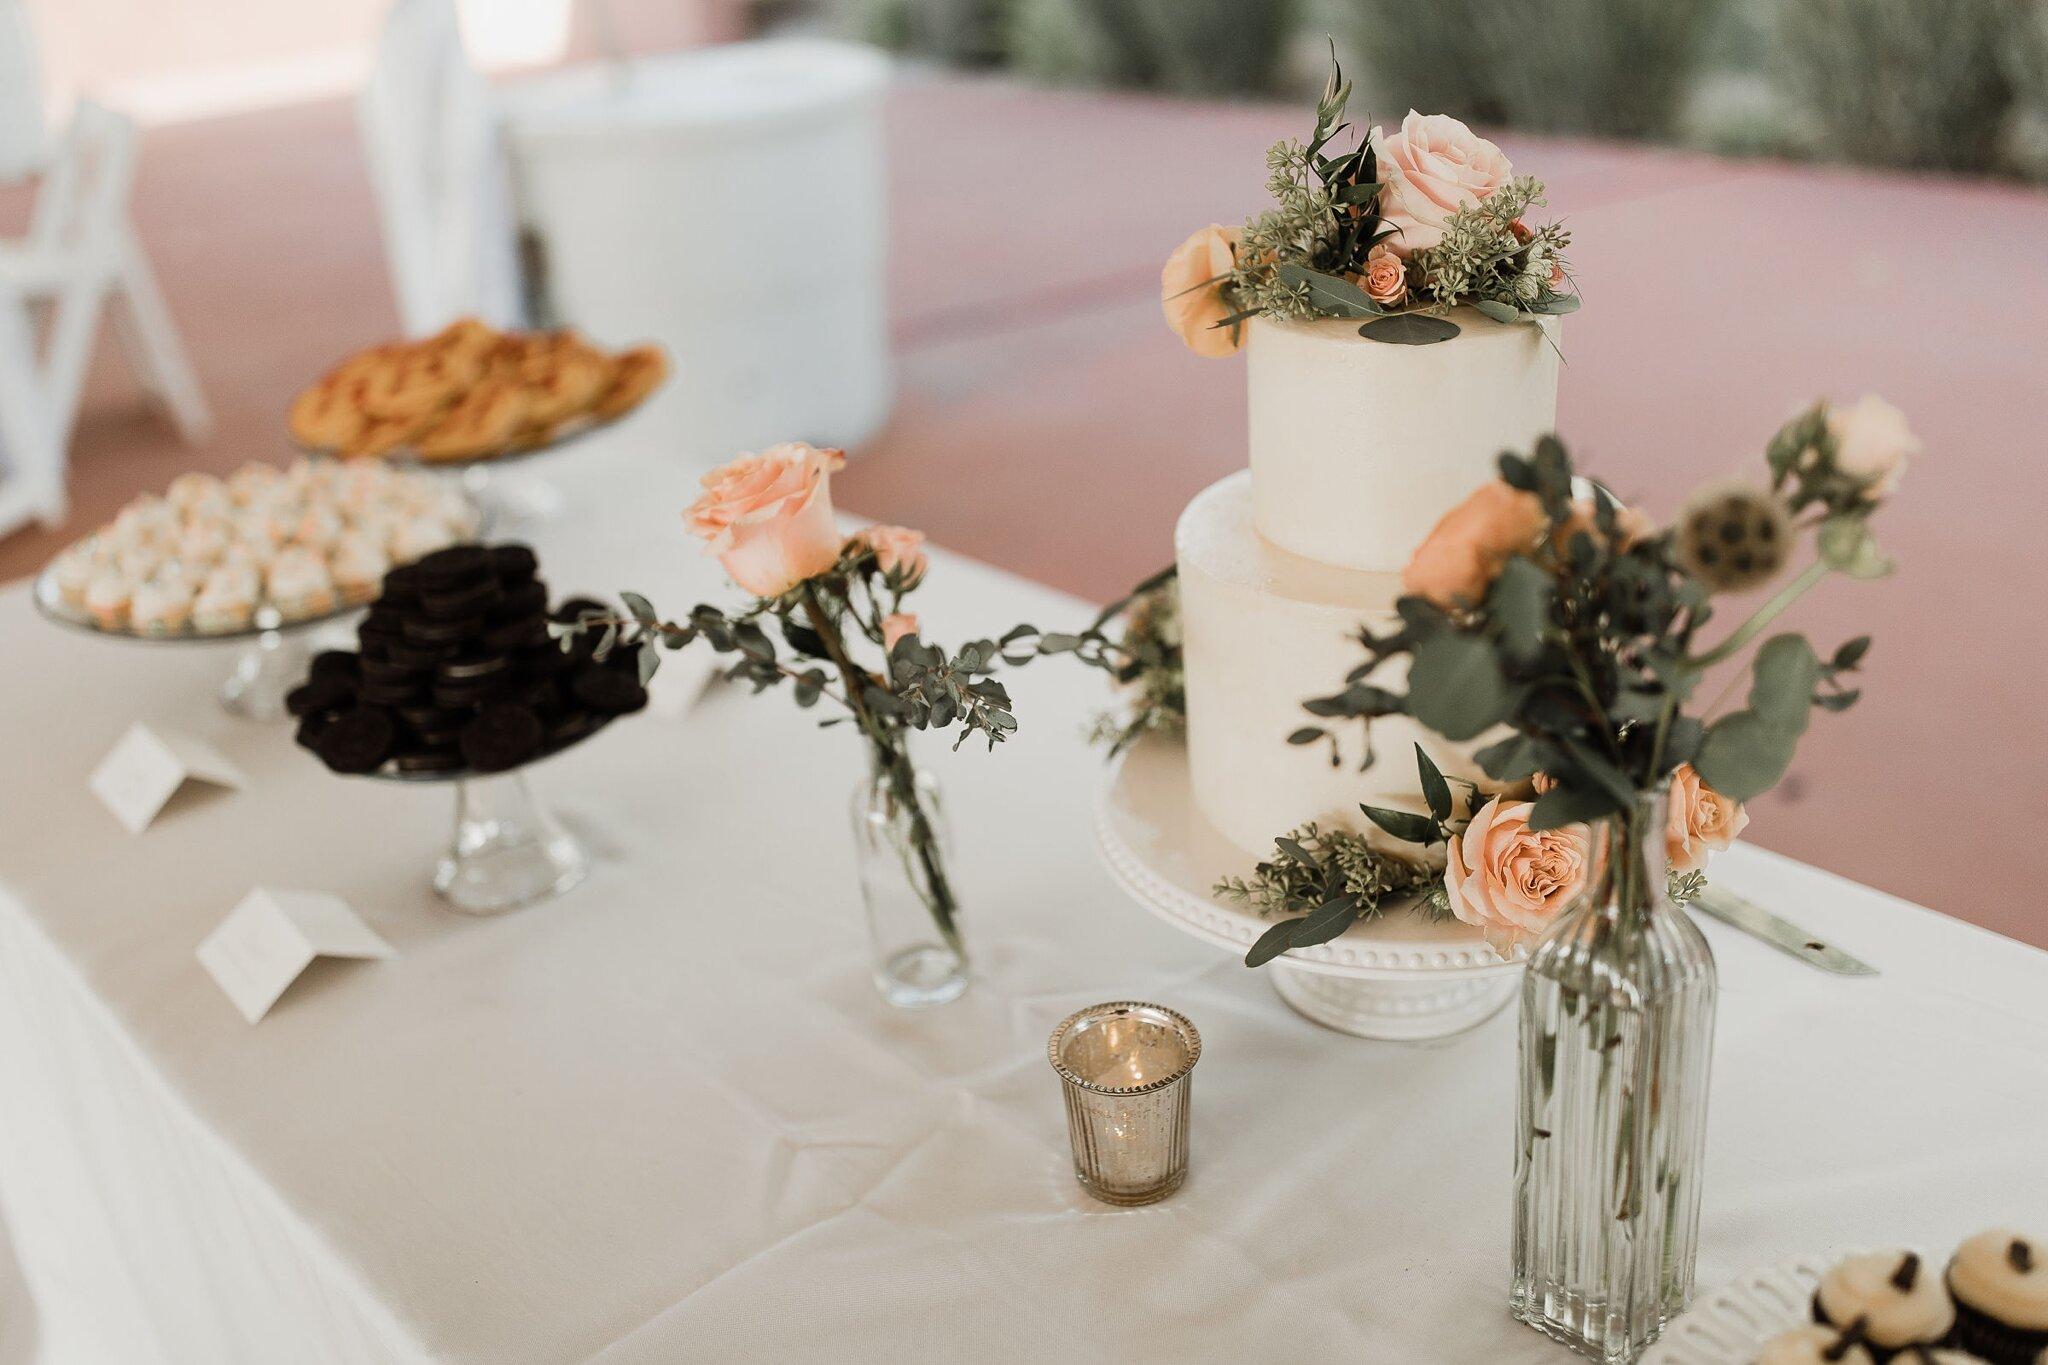 Alicia+lucia+photography+-+albuquerque+wedding+photographer+-+santa+fe+wedding+photography+-+new+mexico+wedding+photographer+-+new+mexico+wedding+-+wedding+-+wedding+cakes+-+flroal+cake+-+santa+fe+cake+-+santa+fe+baker_0002.jpg